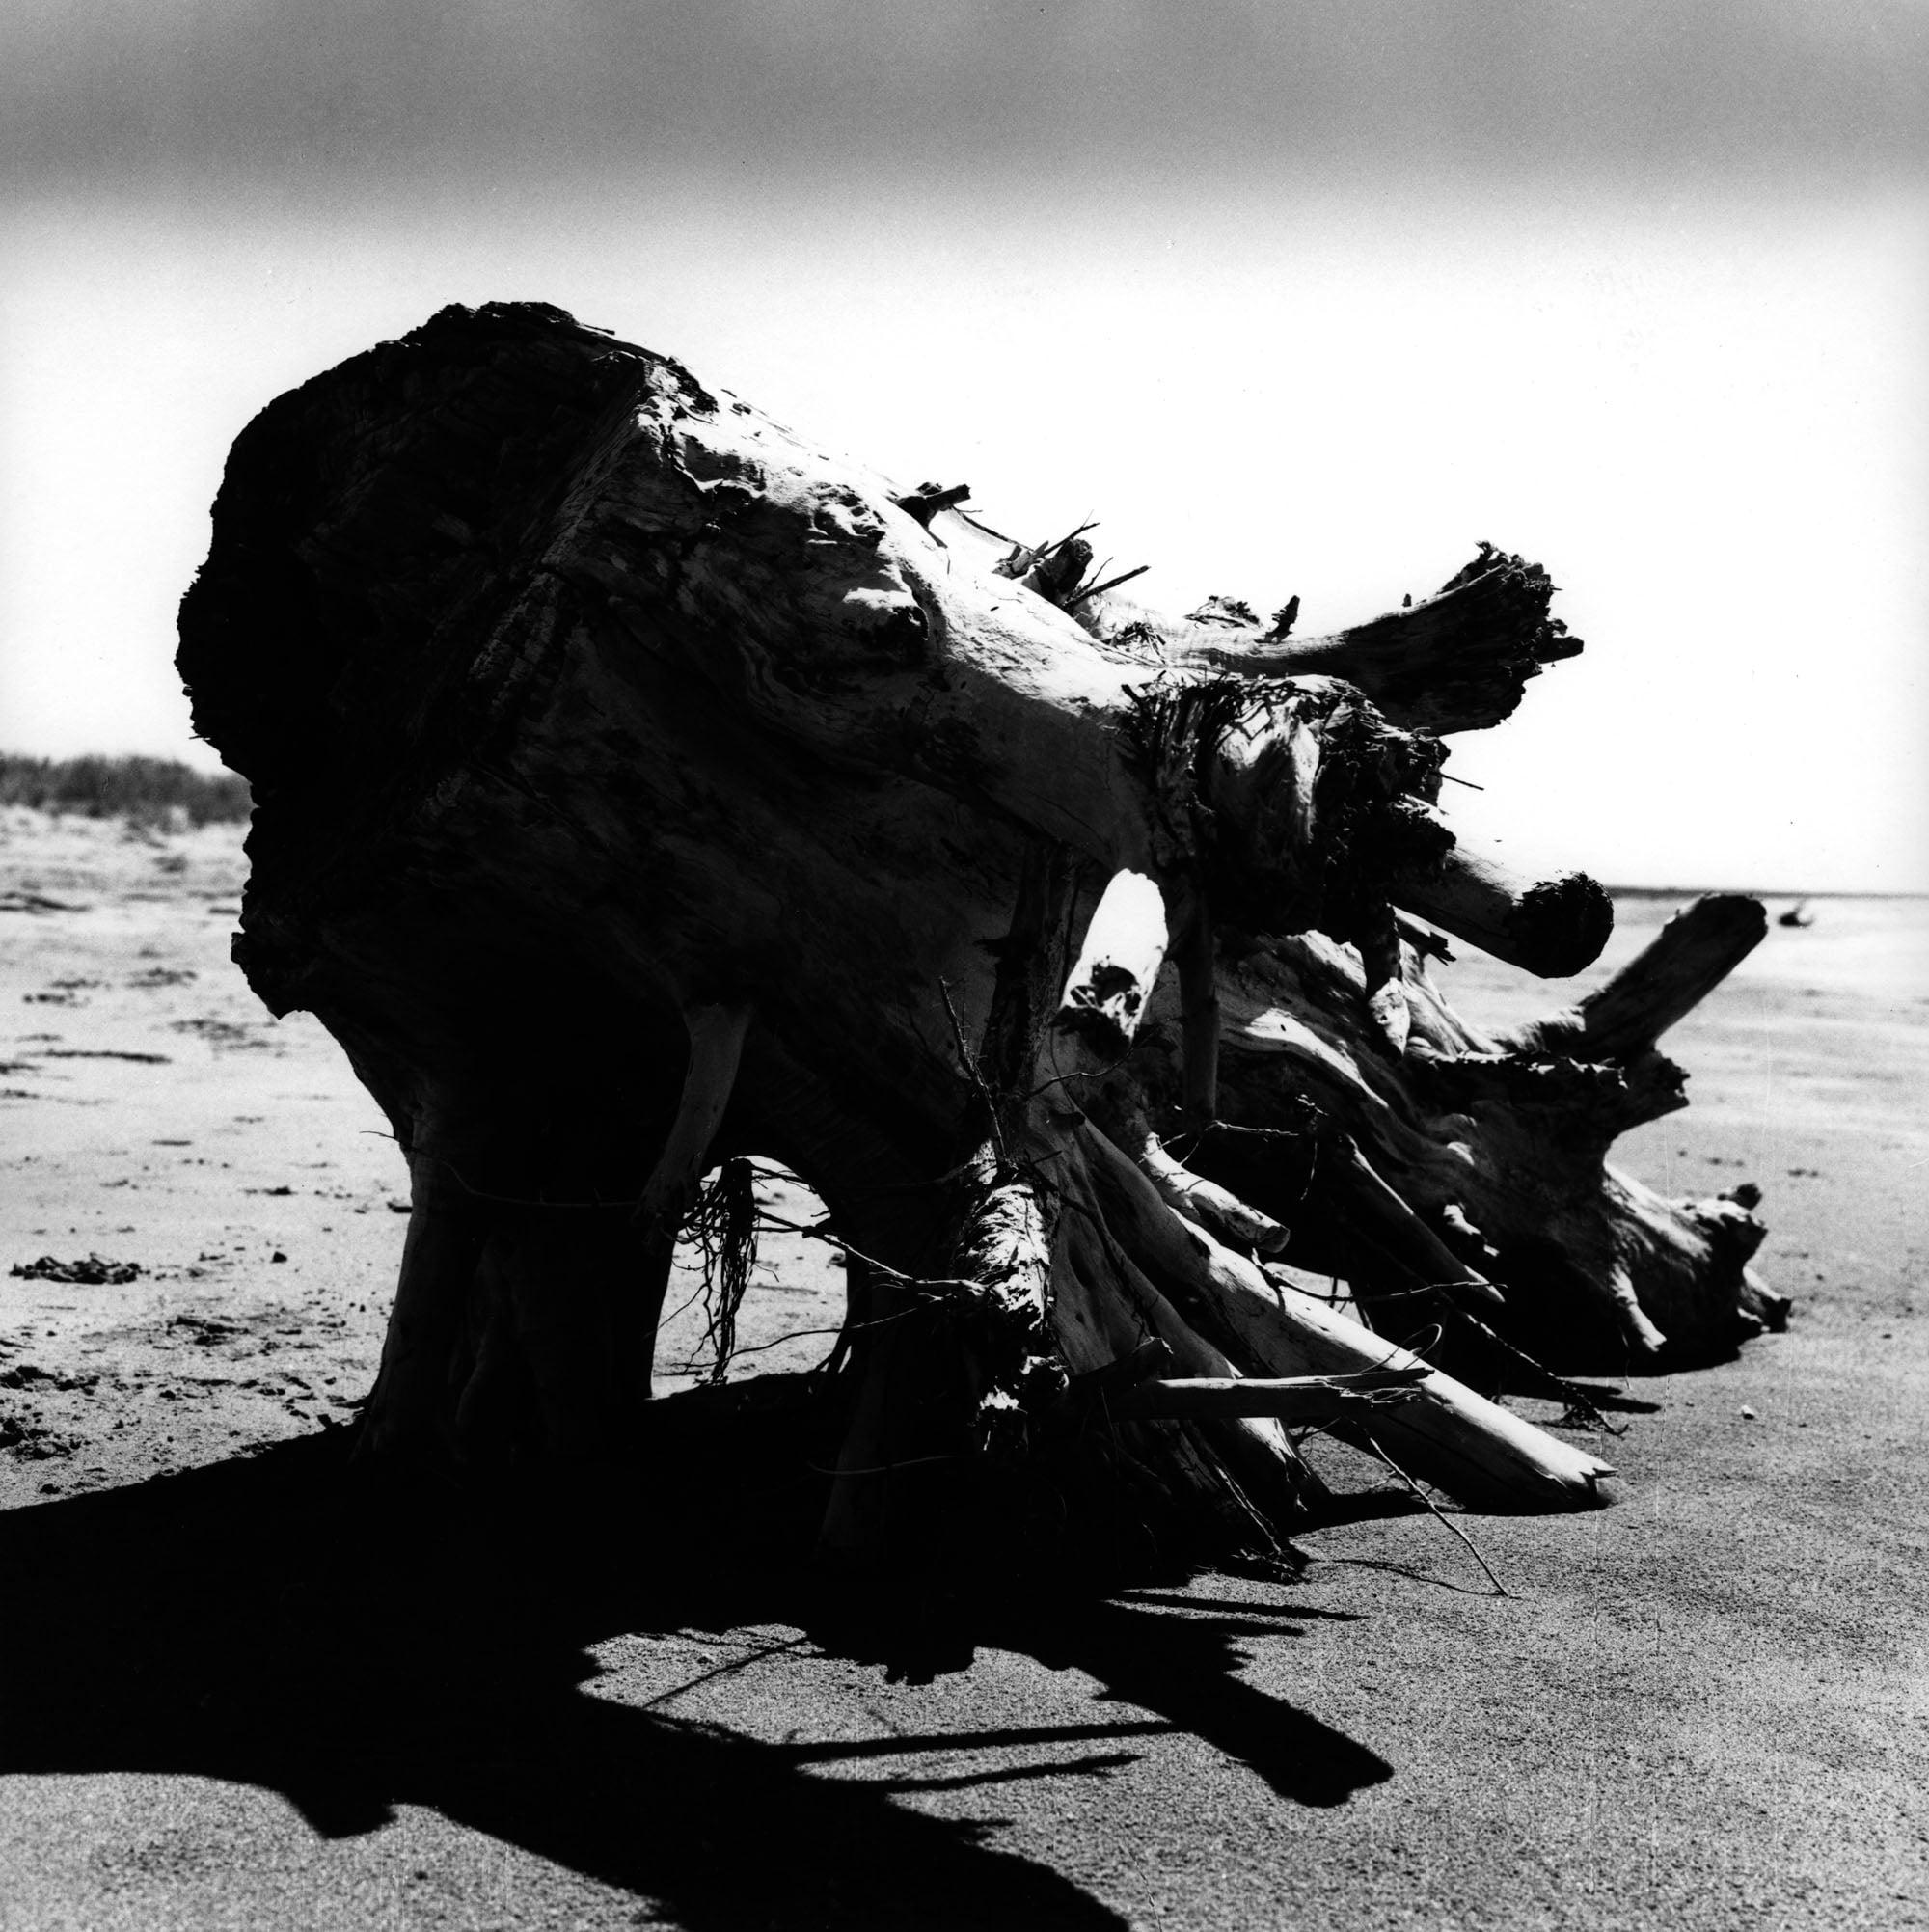 Franco Grignani, La morte estate, 1958, Gelatina bromuro d'argento/carta, 30,5x30,5 cm, Mufoco, Museo di fotografia contemporanea